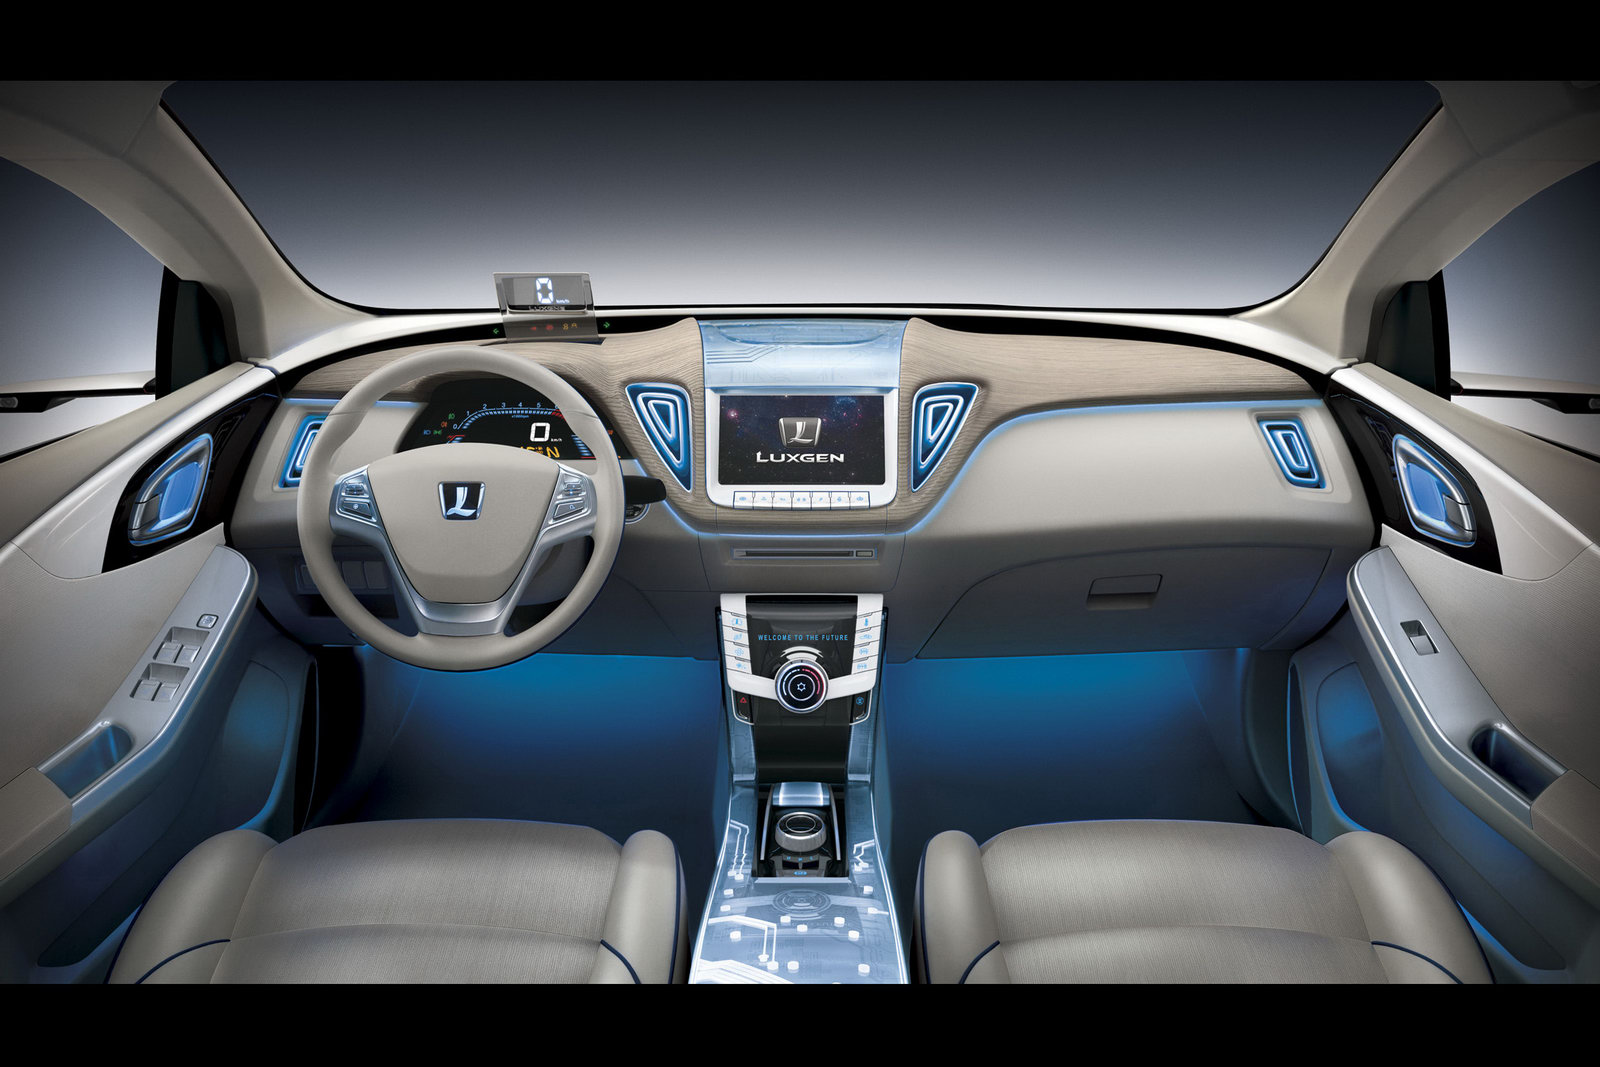 2020 Hyundai i20 Spied At Dealership, Gets Digital Cluster